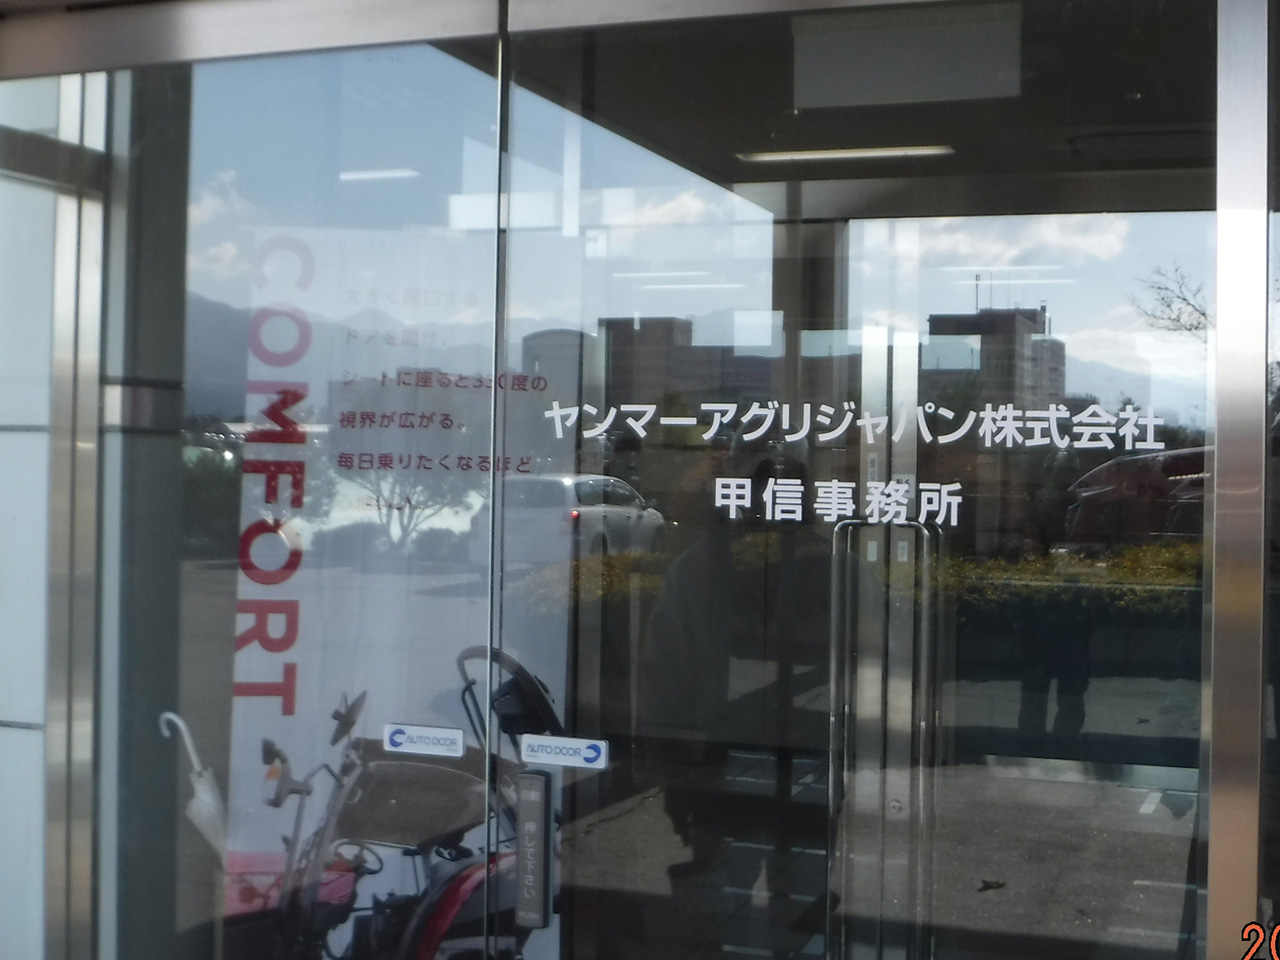 ヤンマーアグリジャパン株式会社様